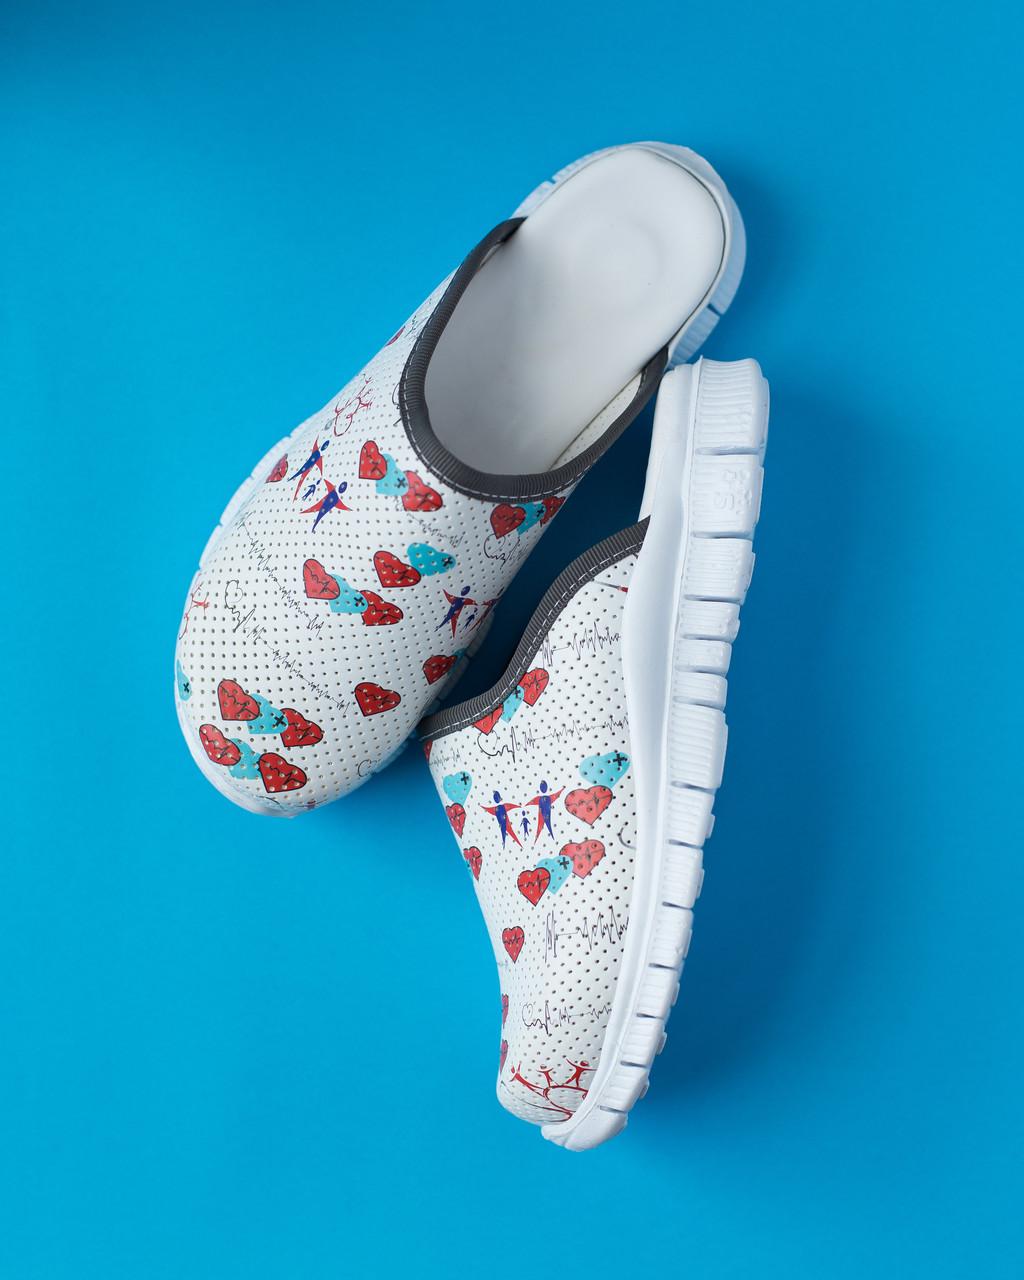 """Медицинская обувь сабо """"Heart white"""" с подошвой Lite"""